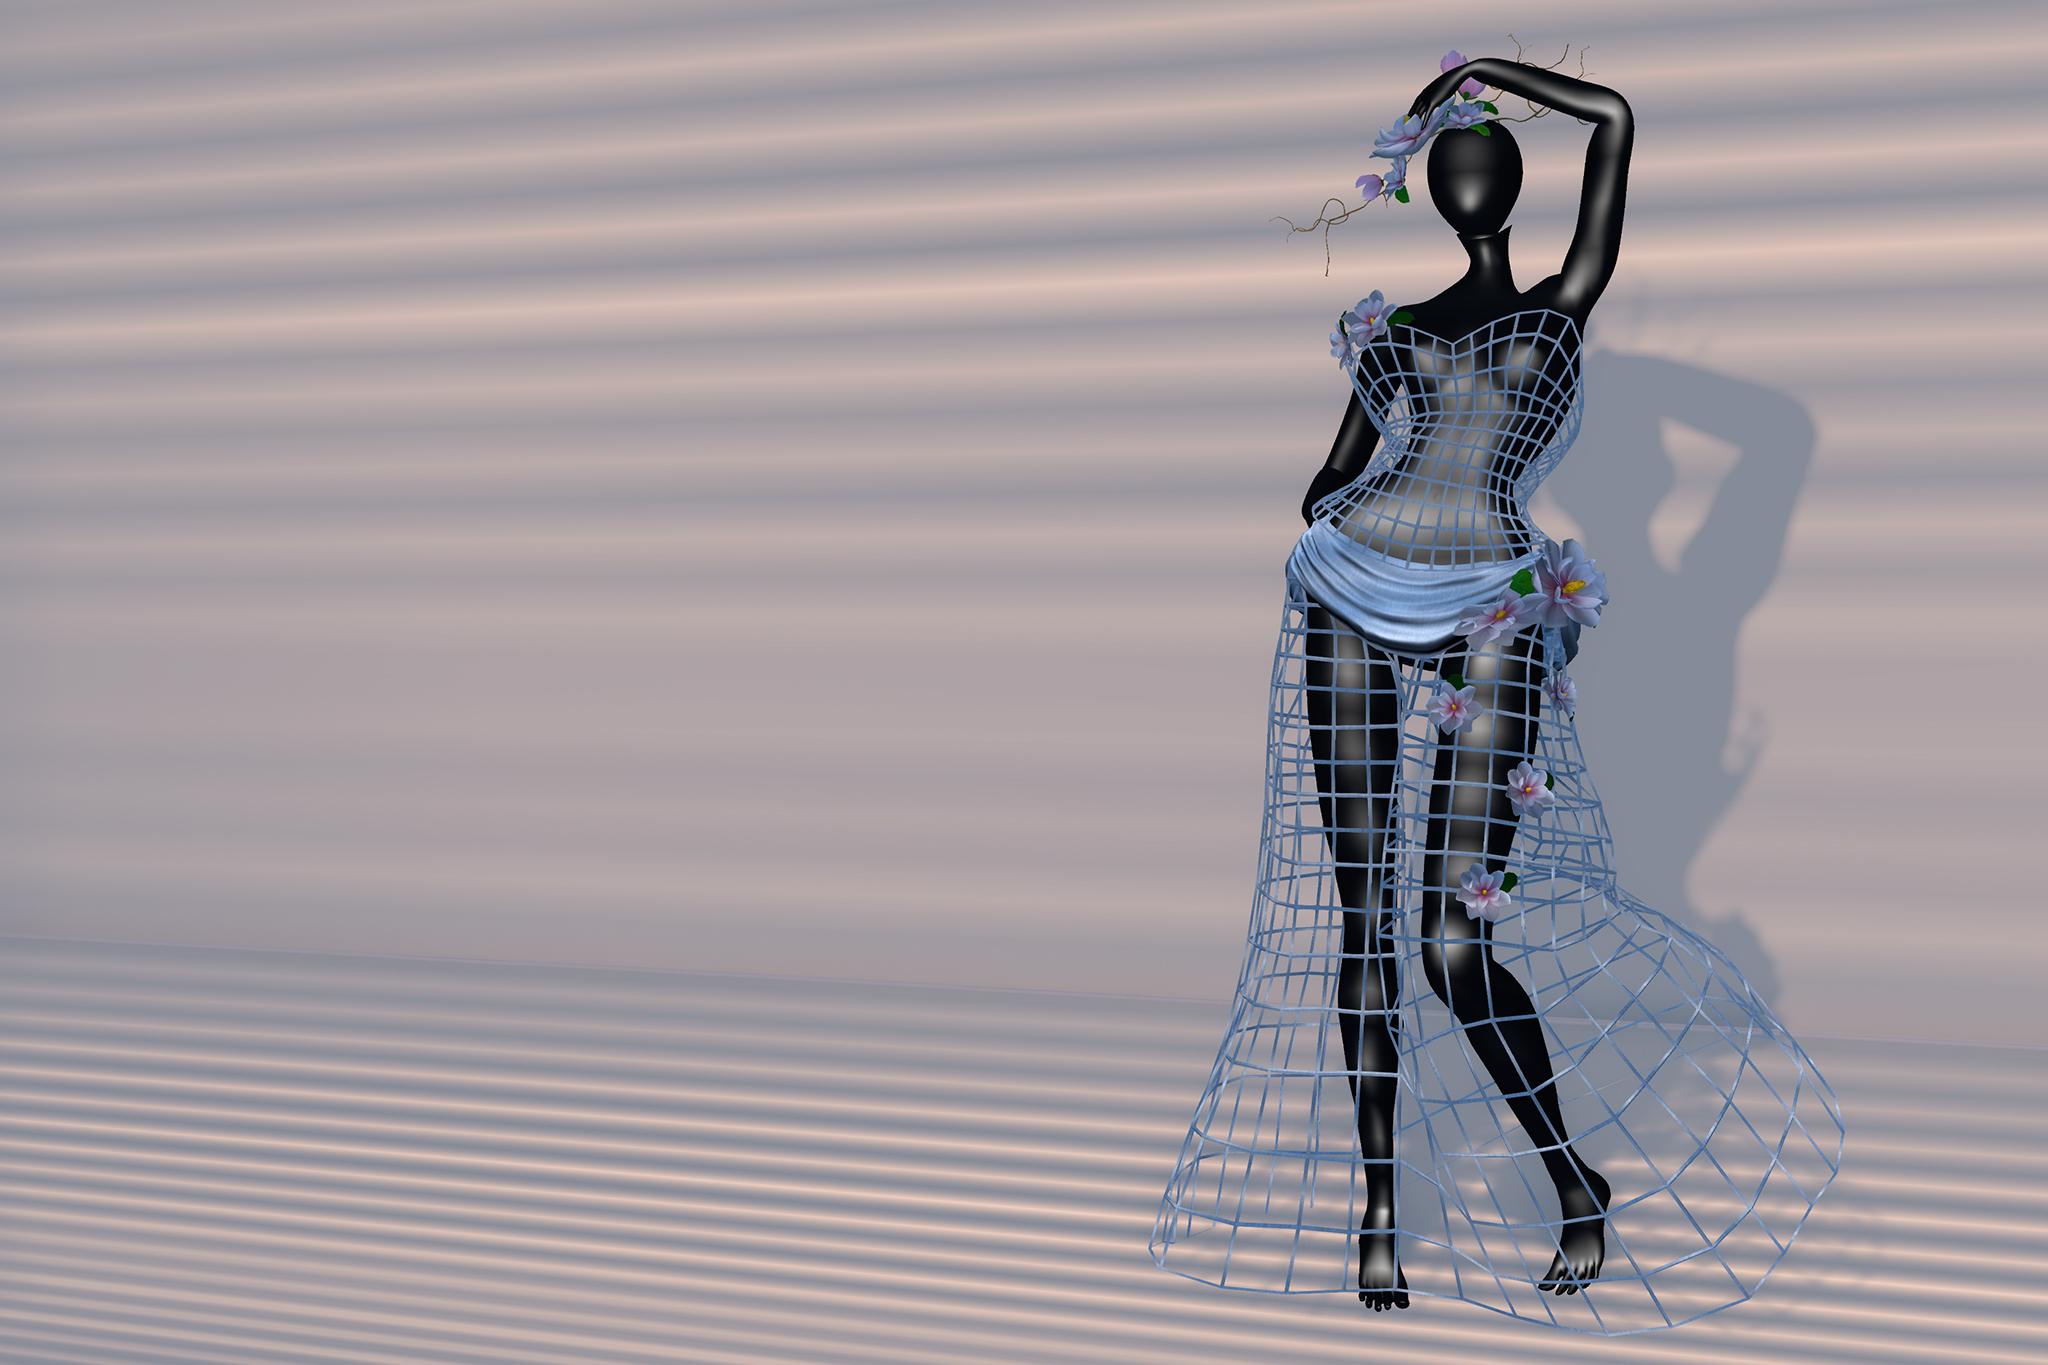 Mannequin life